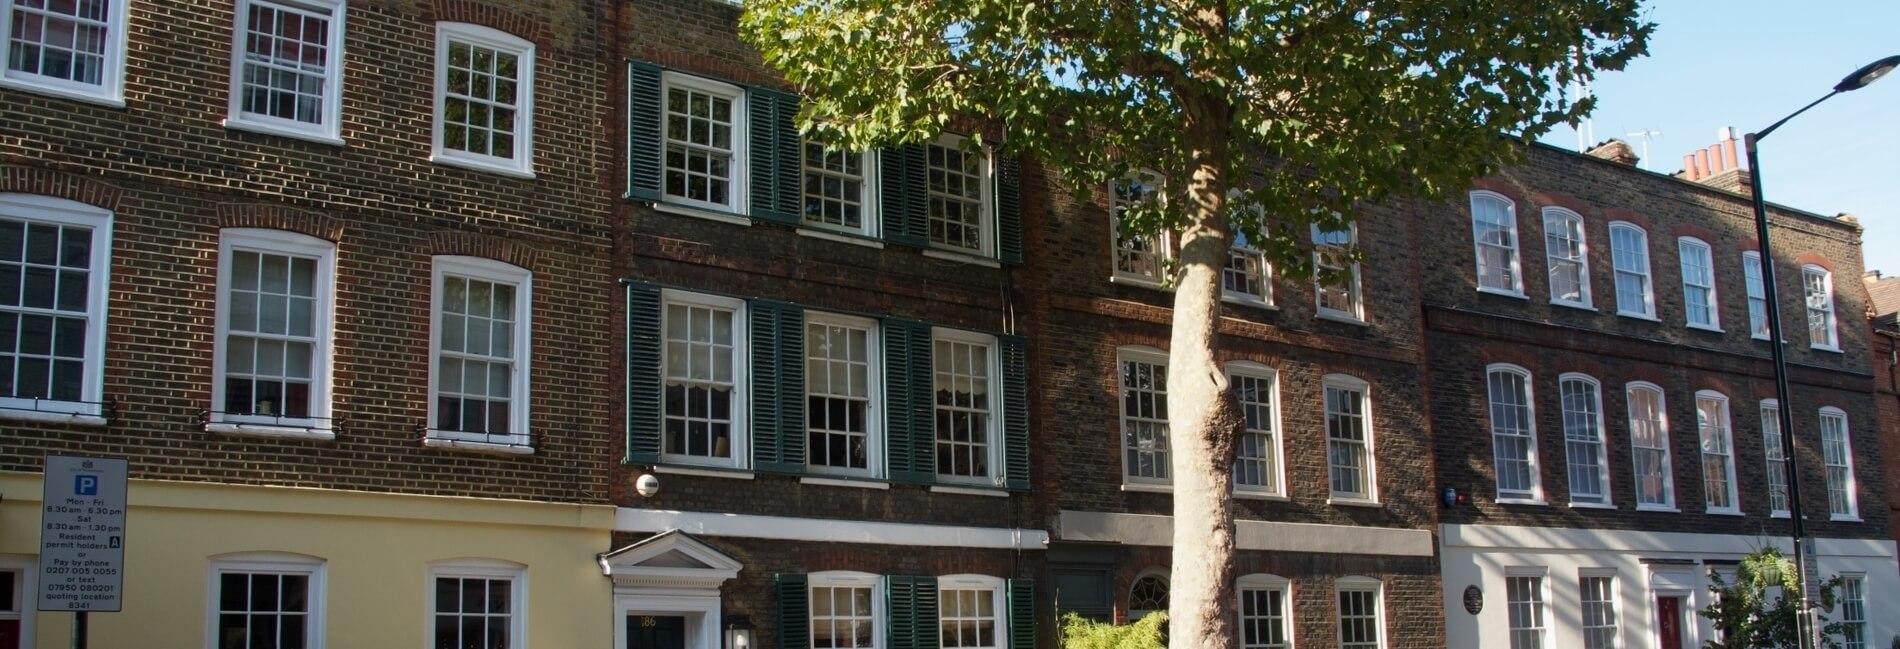 south london loft conversions